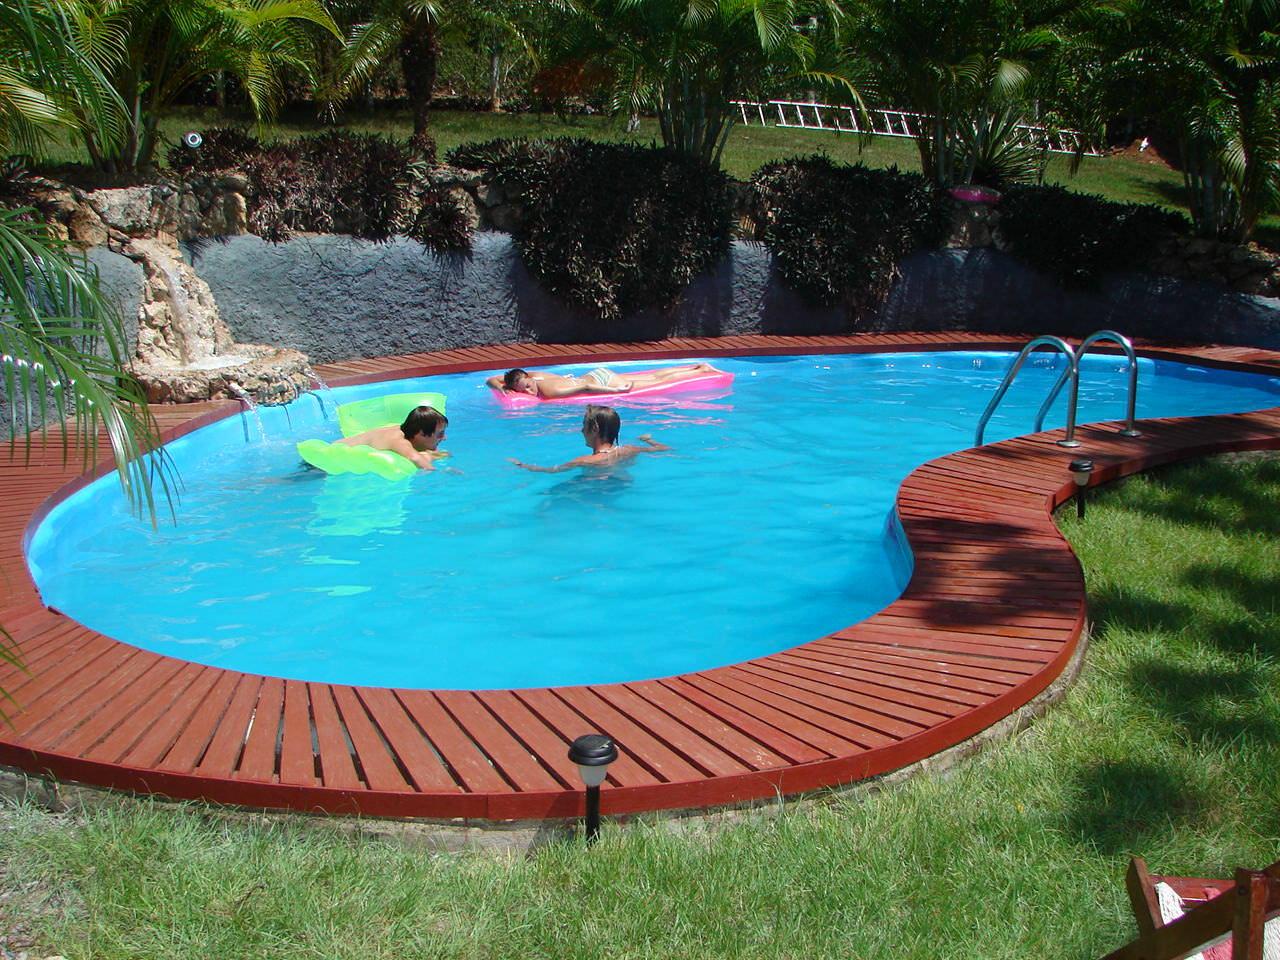 Размеры и глубина бассейна должны соответствовать возрасту и росту ребенка.